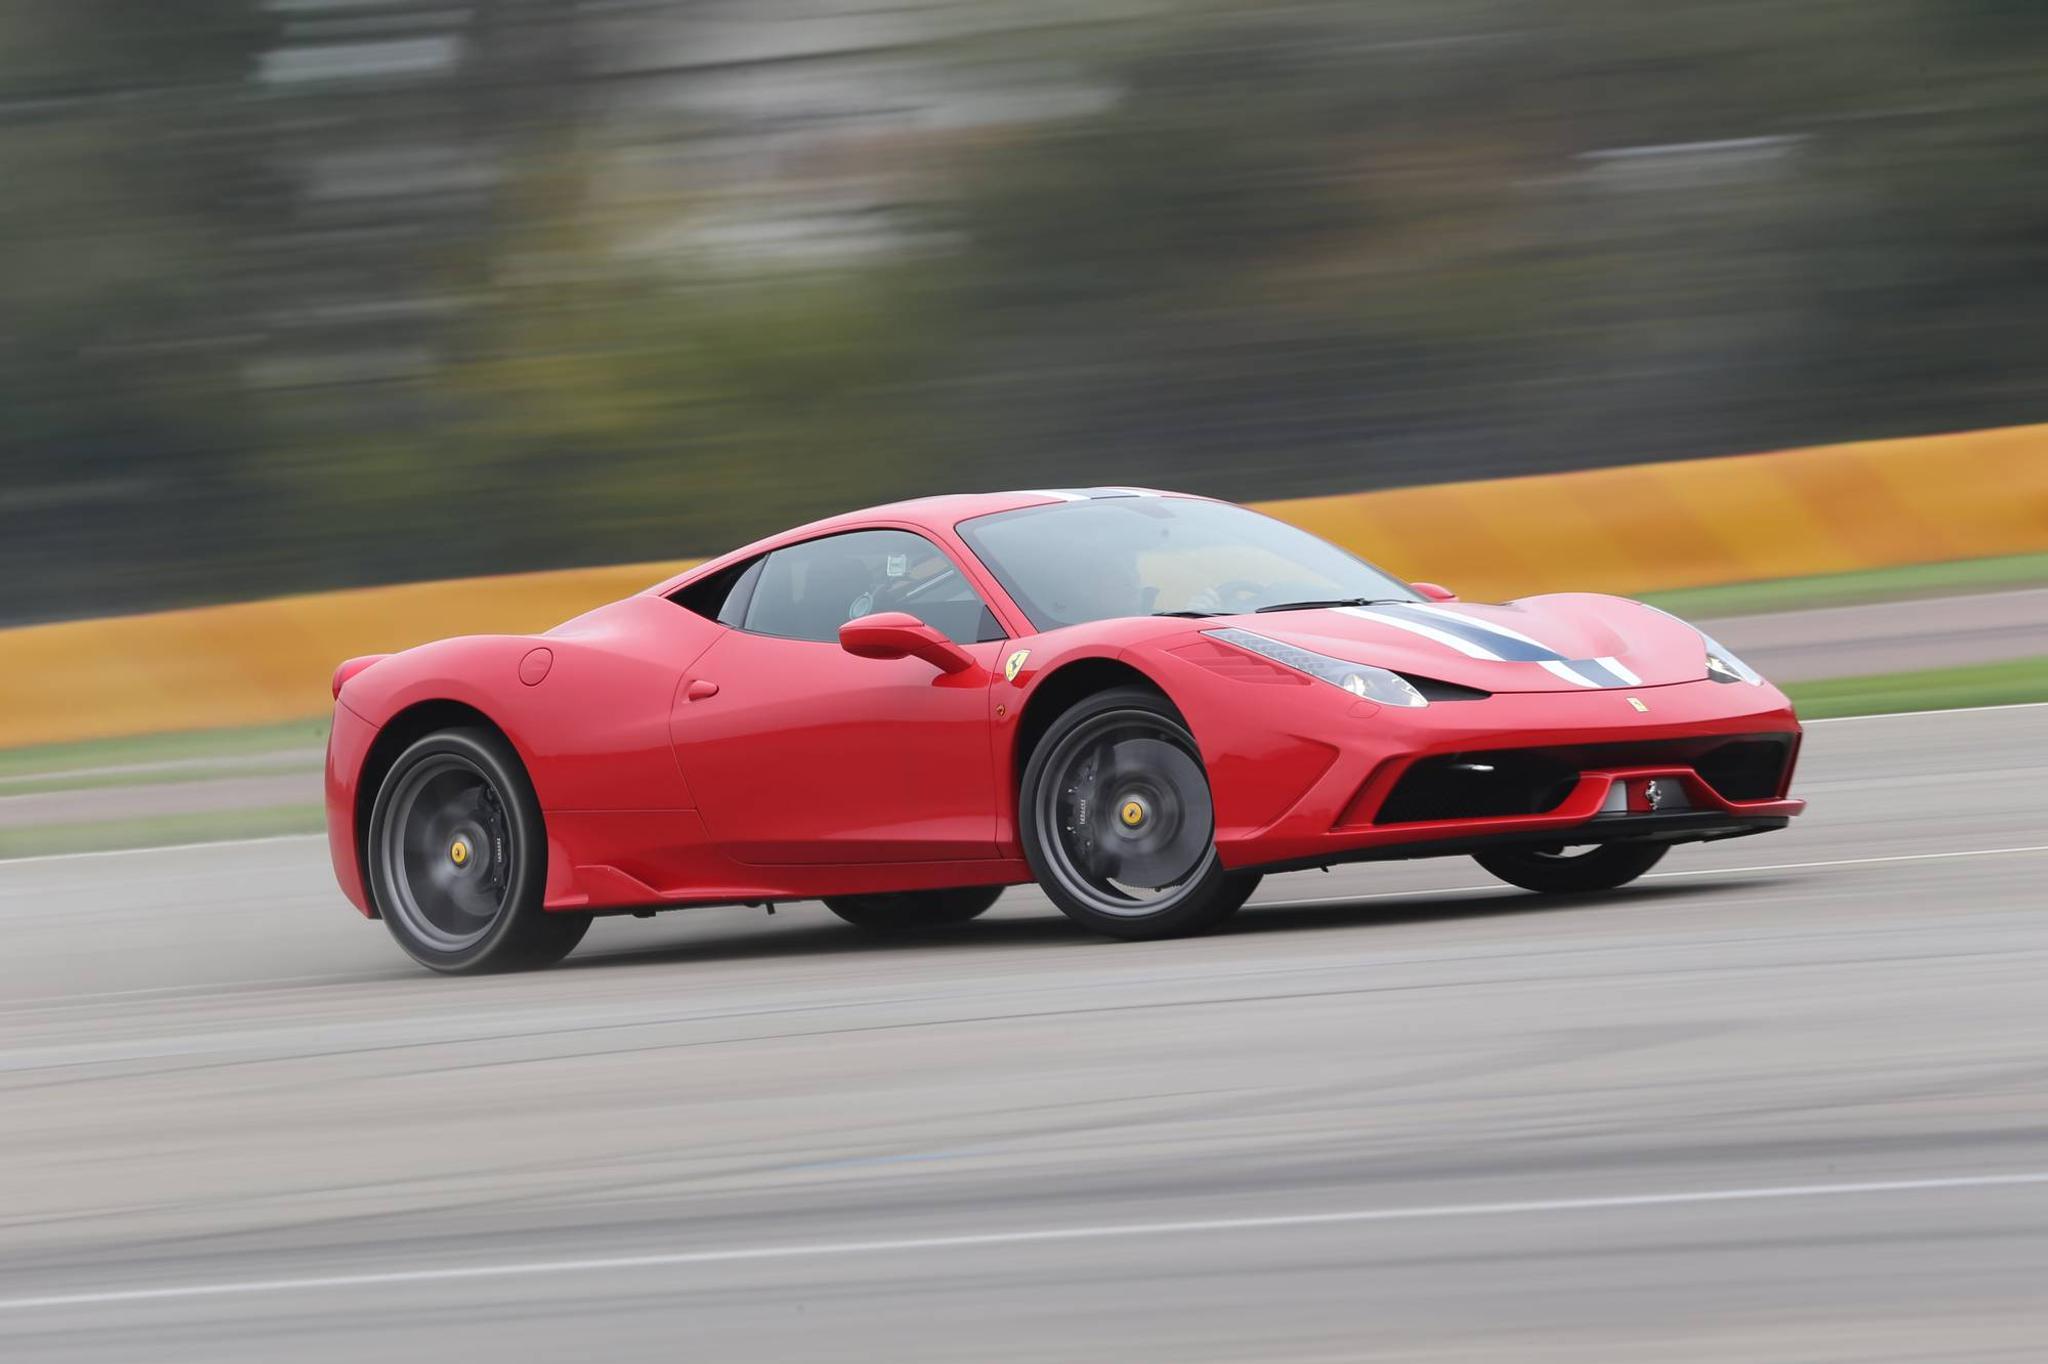 Ferrari 458 Speciale >> Nain Toimii Ferrarin Driftausavustin Koeajossa 458